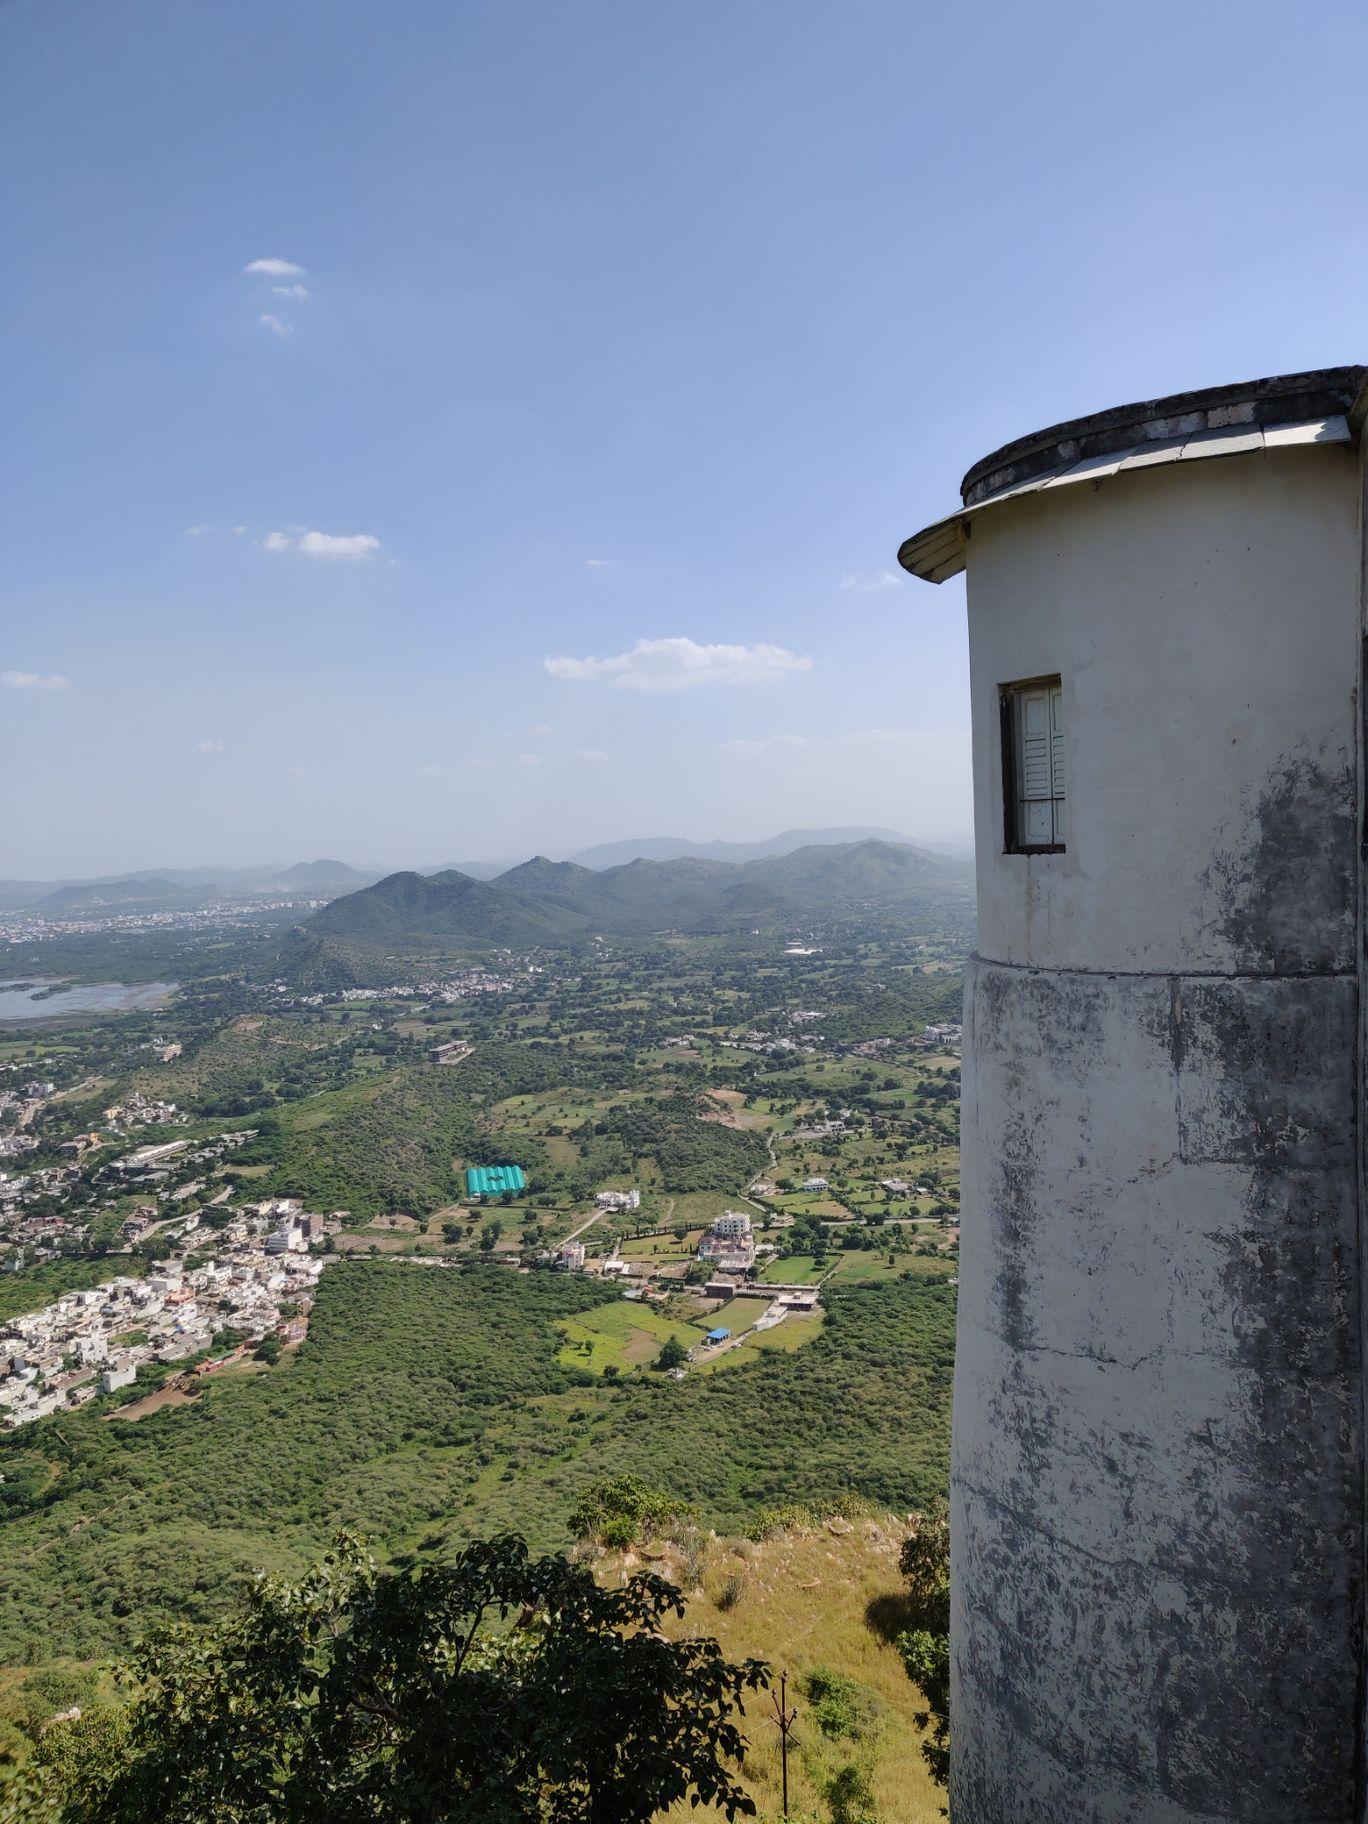 Photo of Udaipur By Chaudhary Akash Nirwal